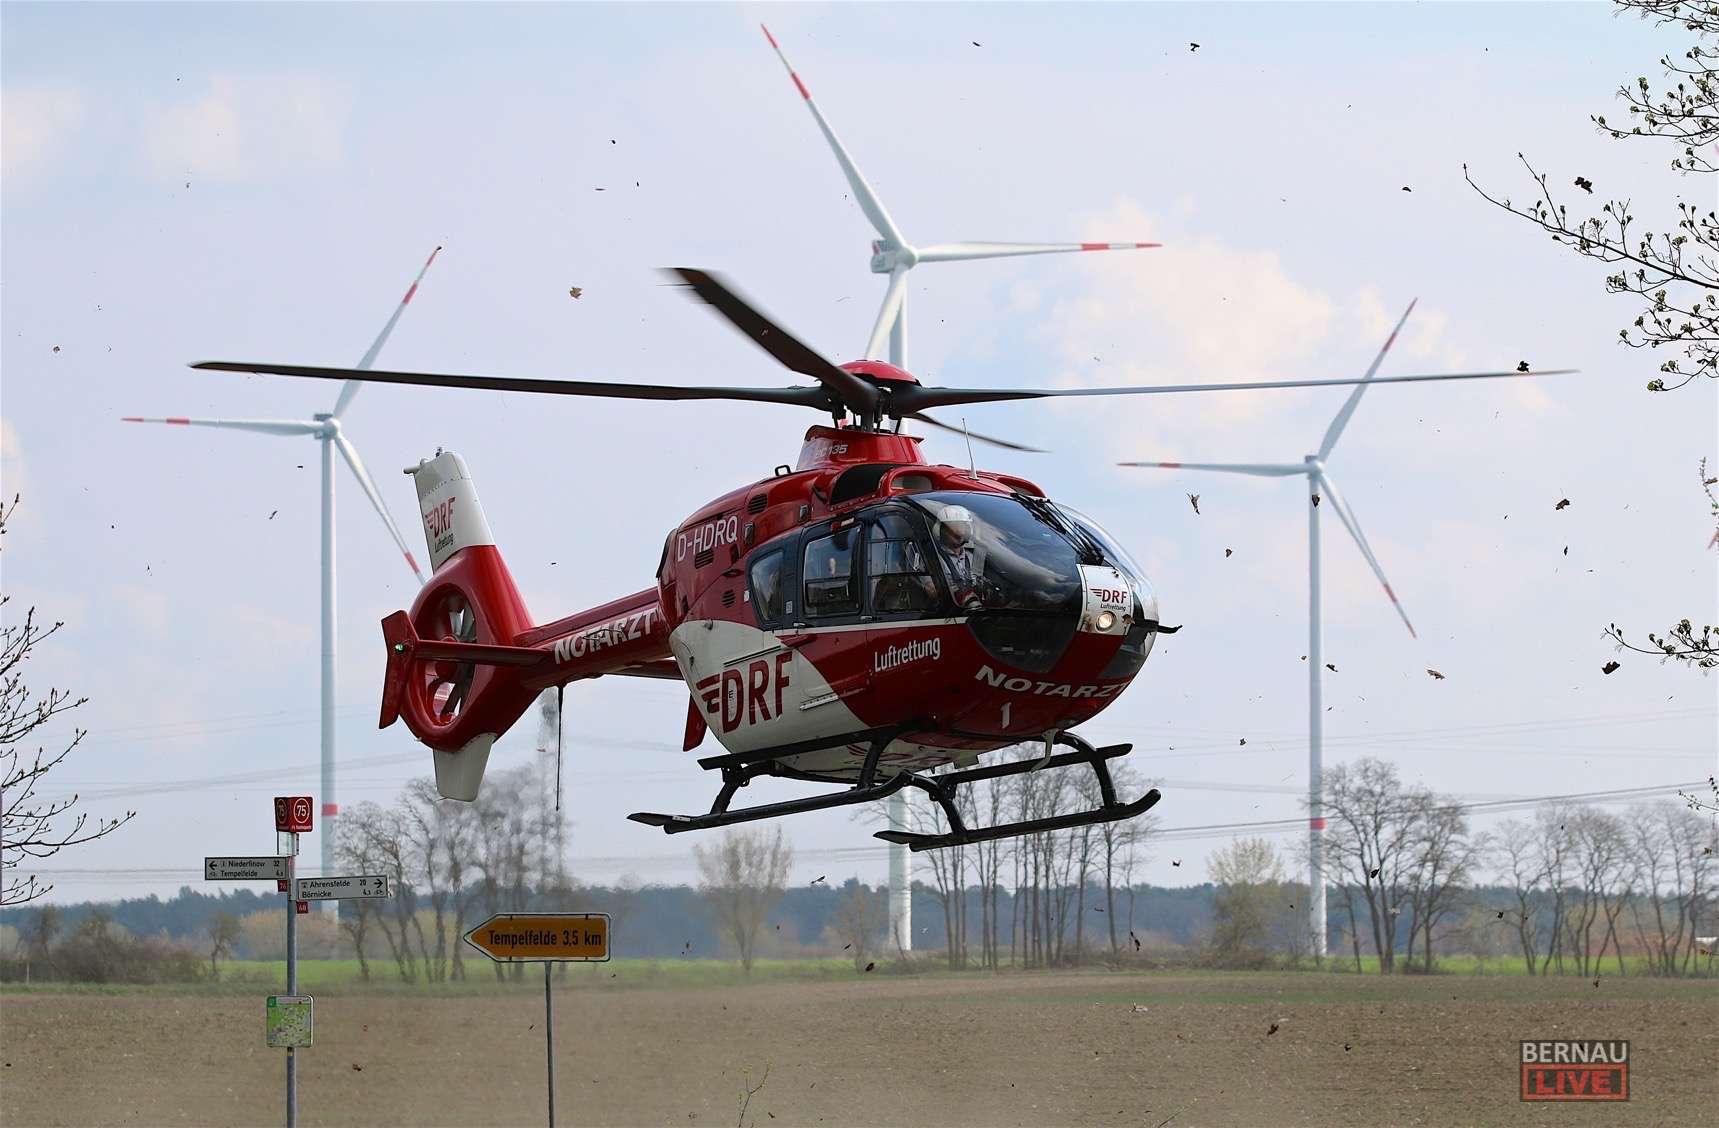 Bernau: Schwerer Verkehrsunfall zwischen Motorrad und LKW in Albertshof